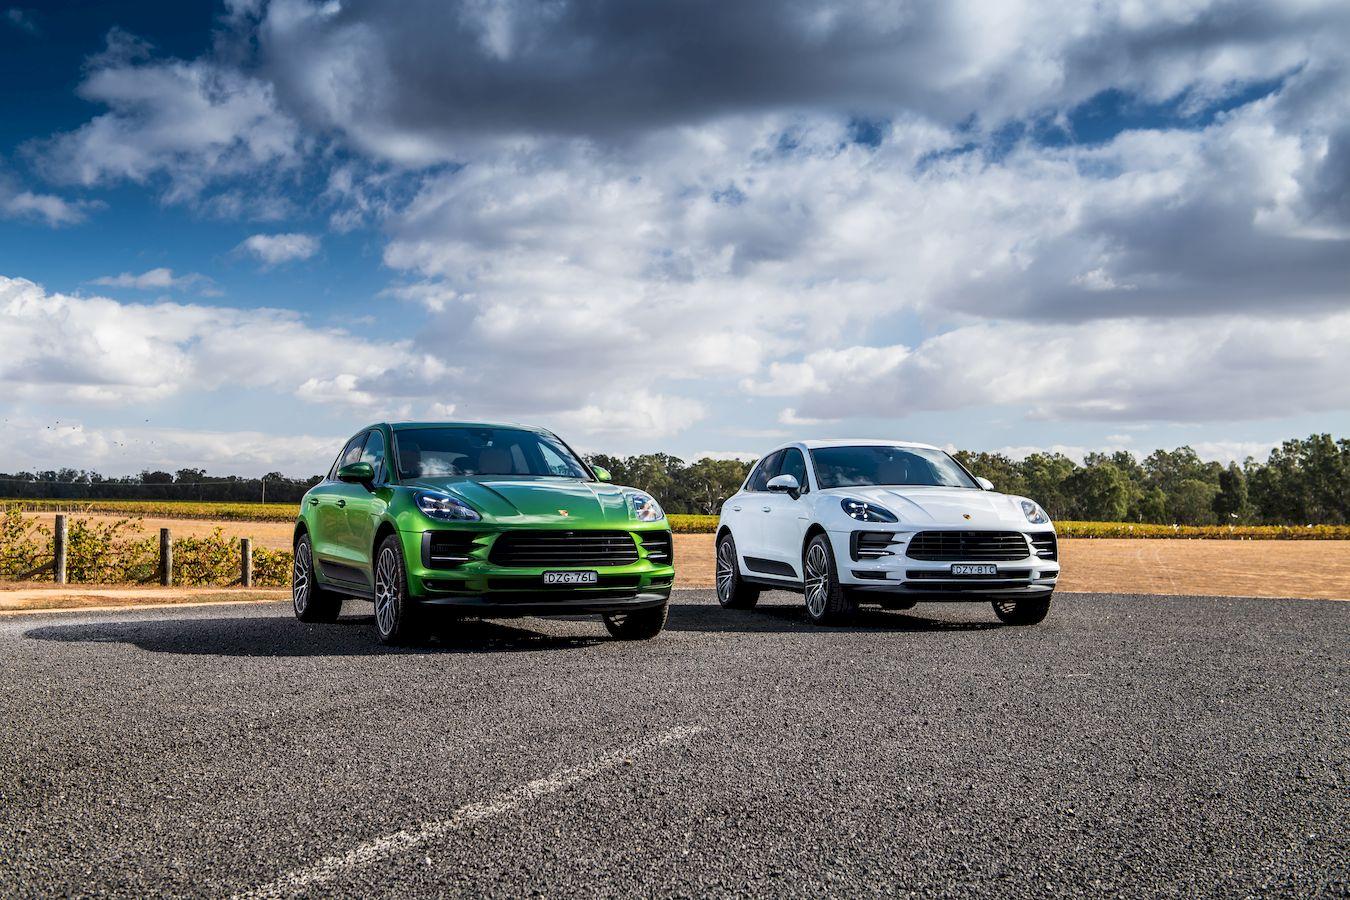 Test drive: The new Porsche Macan